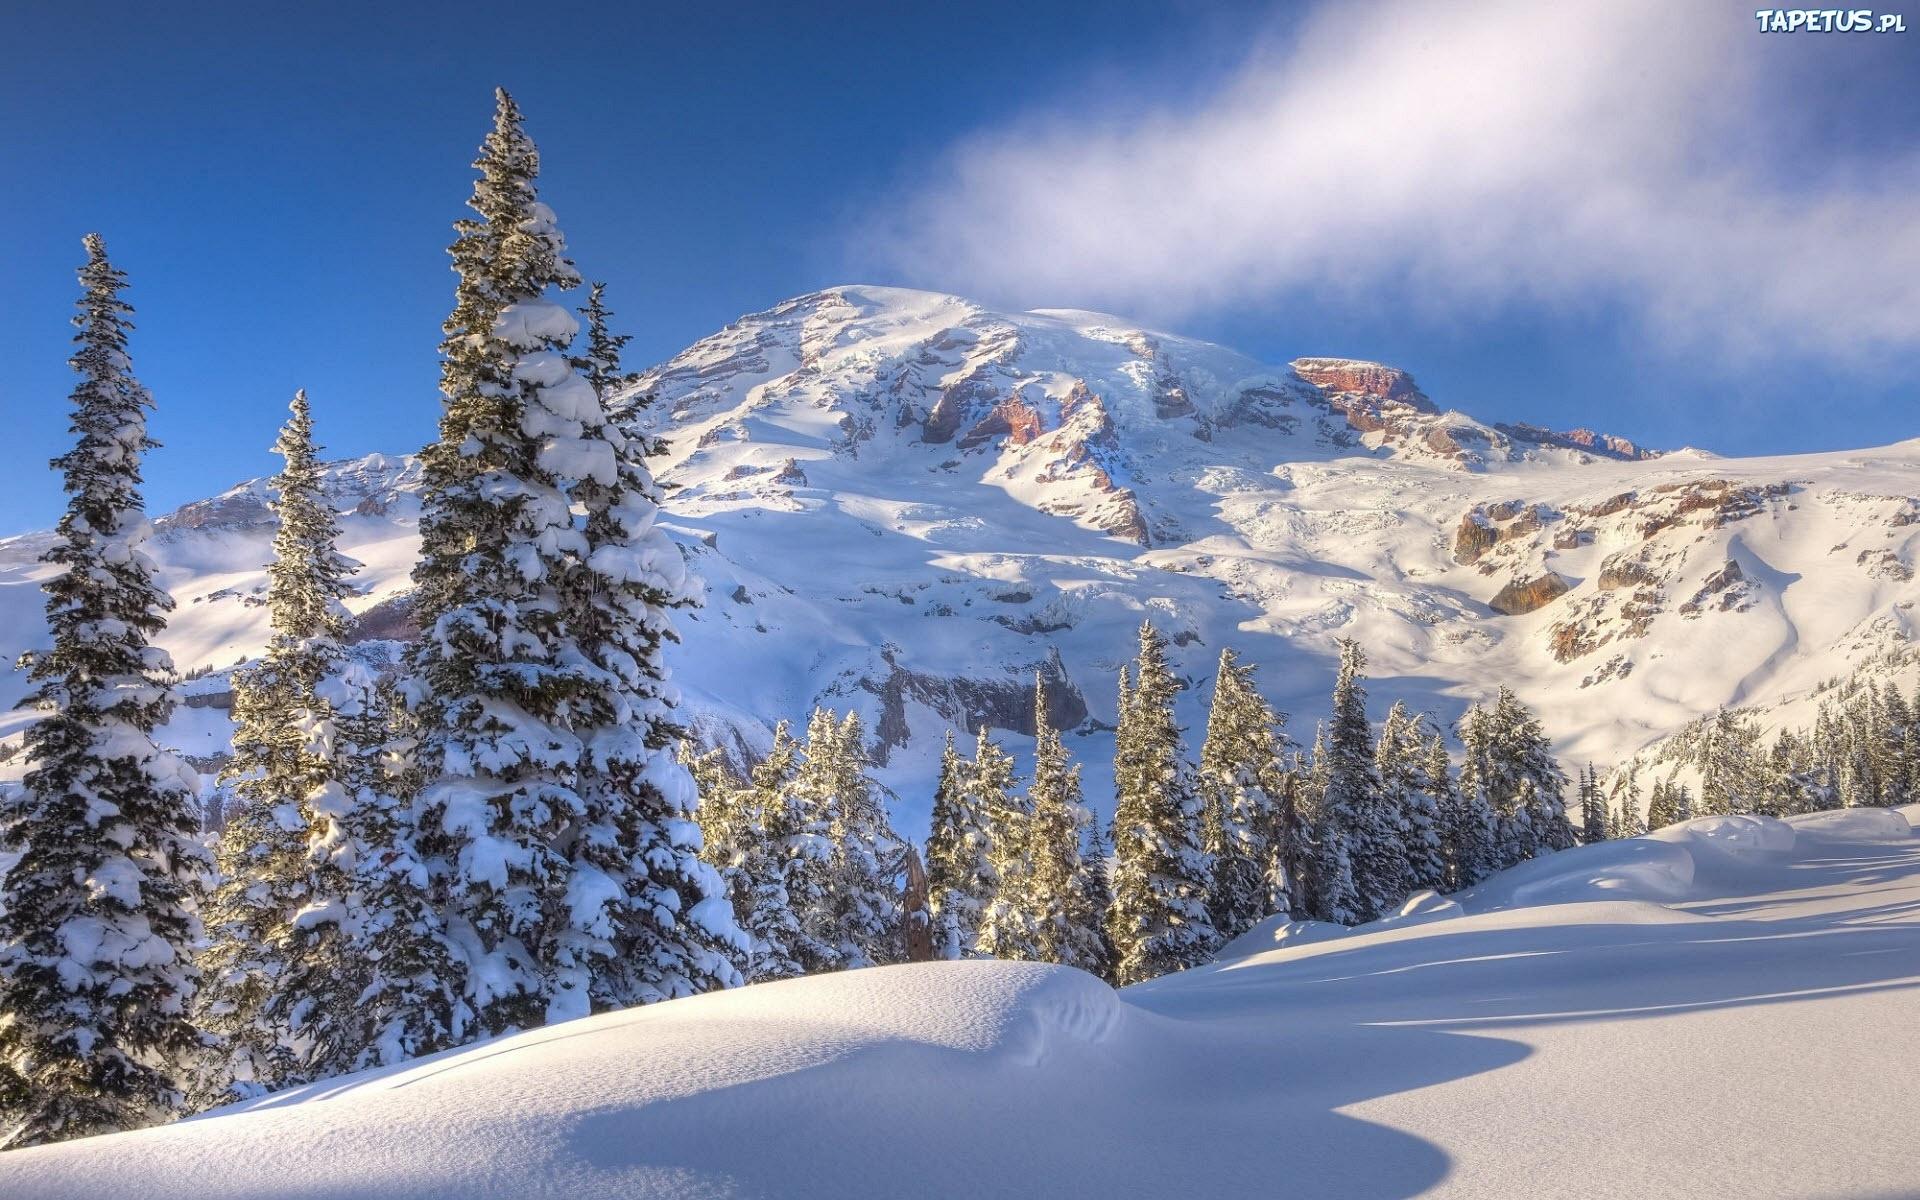 природа скалы деревья горы снег зима nature rock trees mountains snow winter загрузить